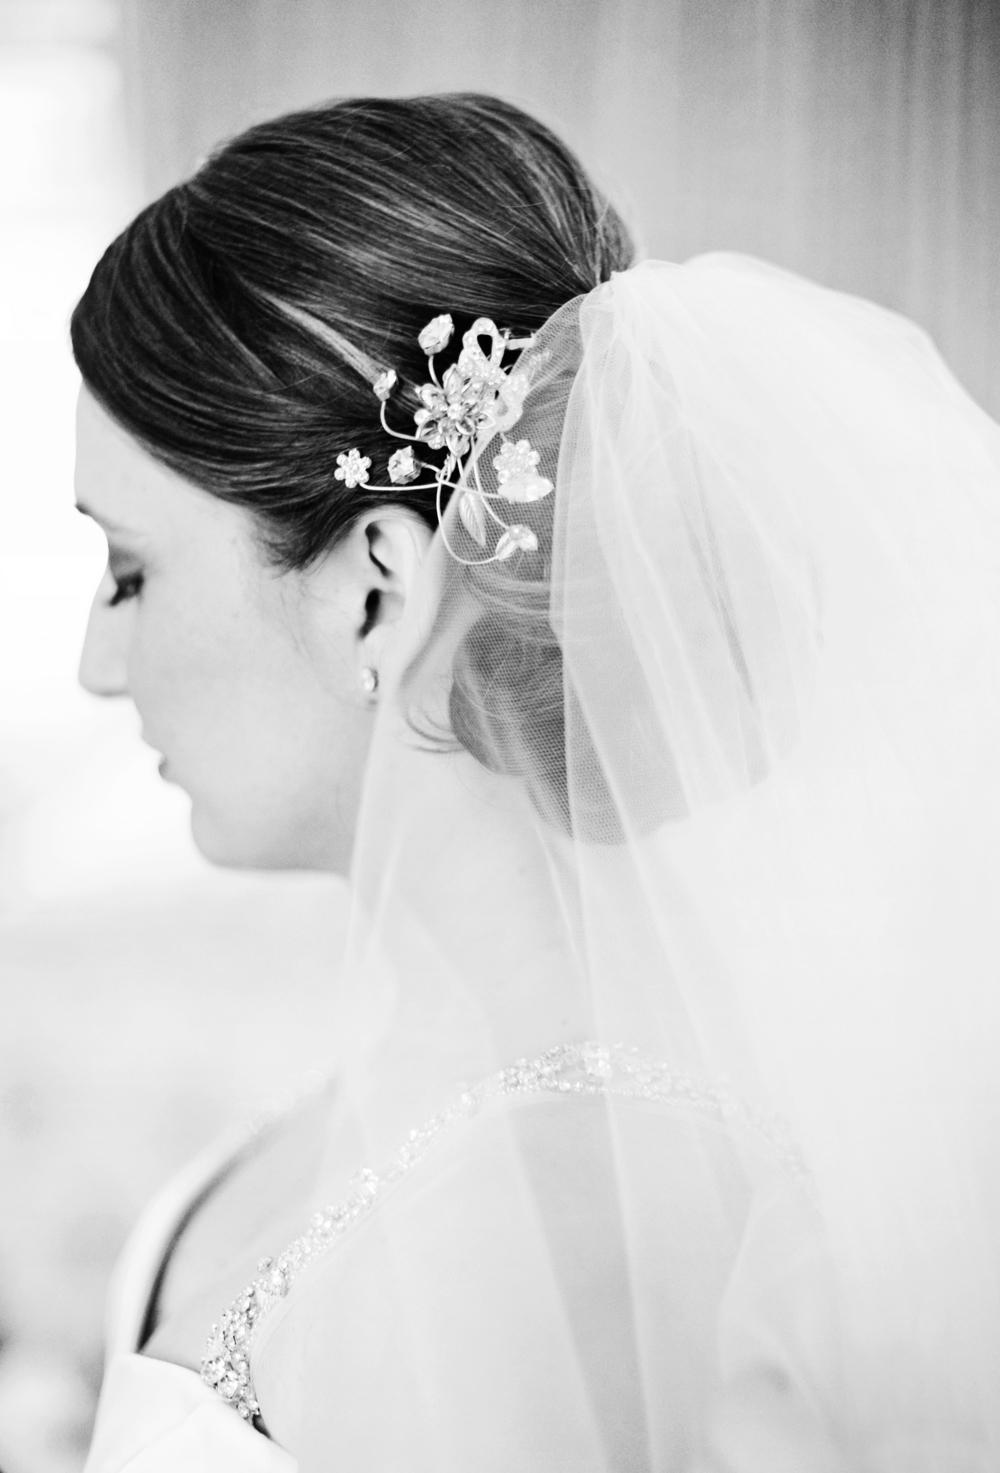 Wedding Hair Side Bun With Veil